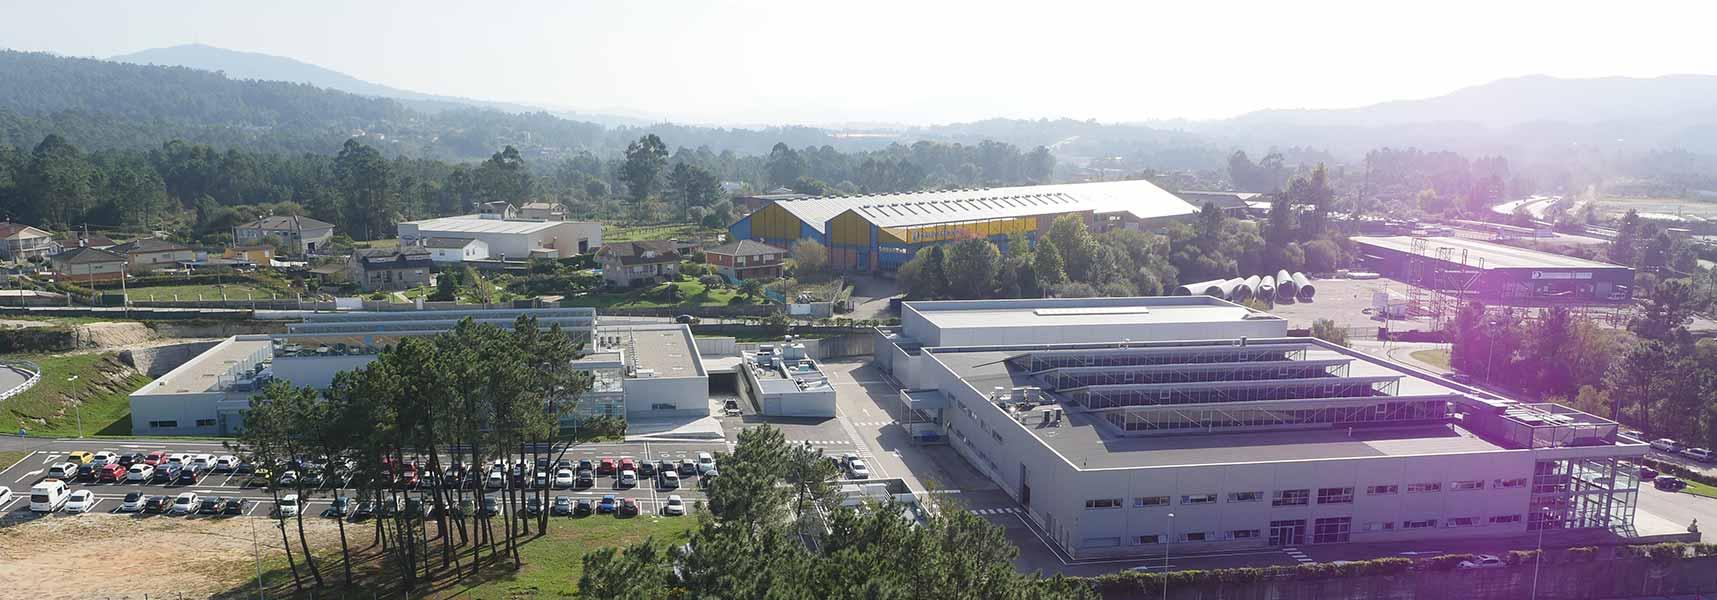 Vista aérea de las instalaciones de CTAG en O Porriño (Pontevedra)